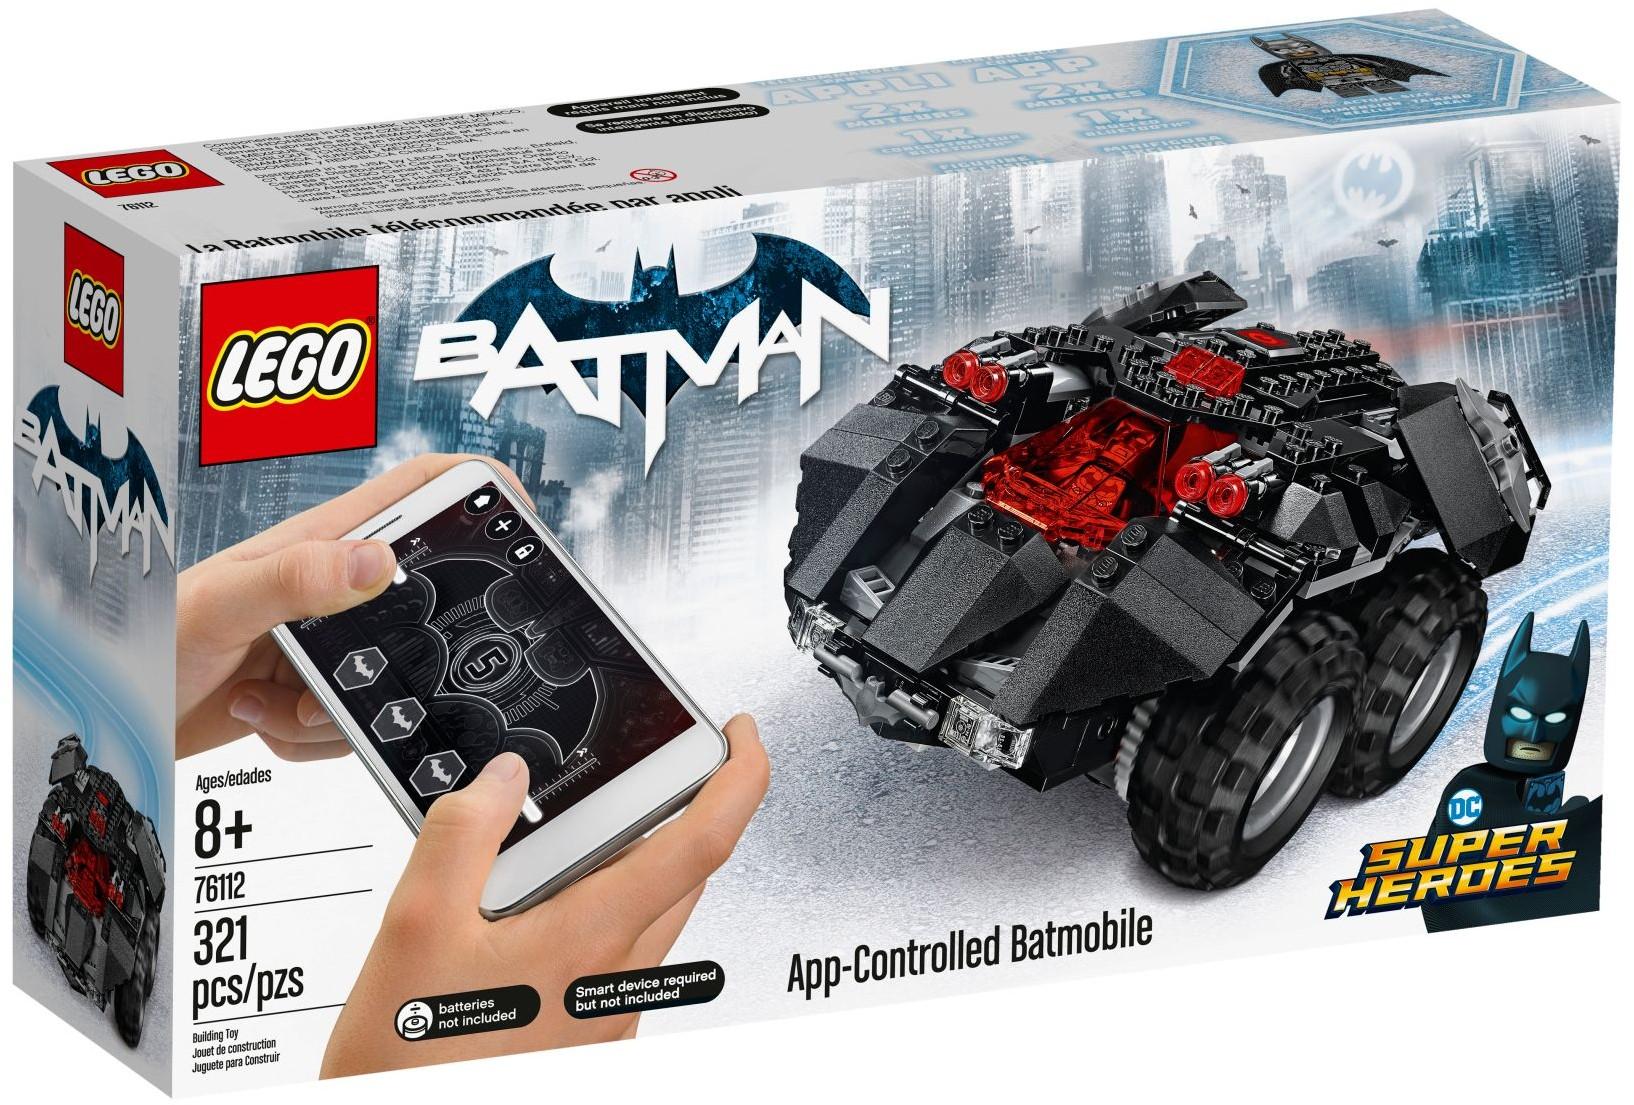 Applikációval irányítható Batmobil